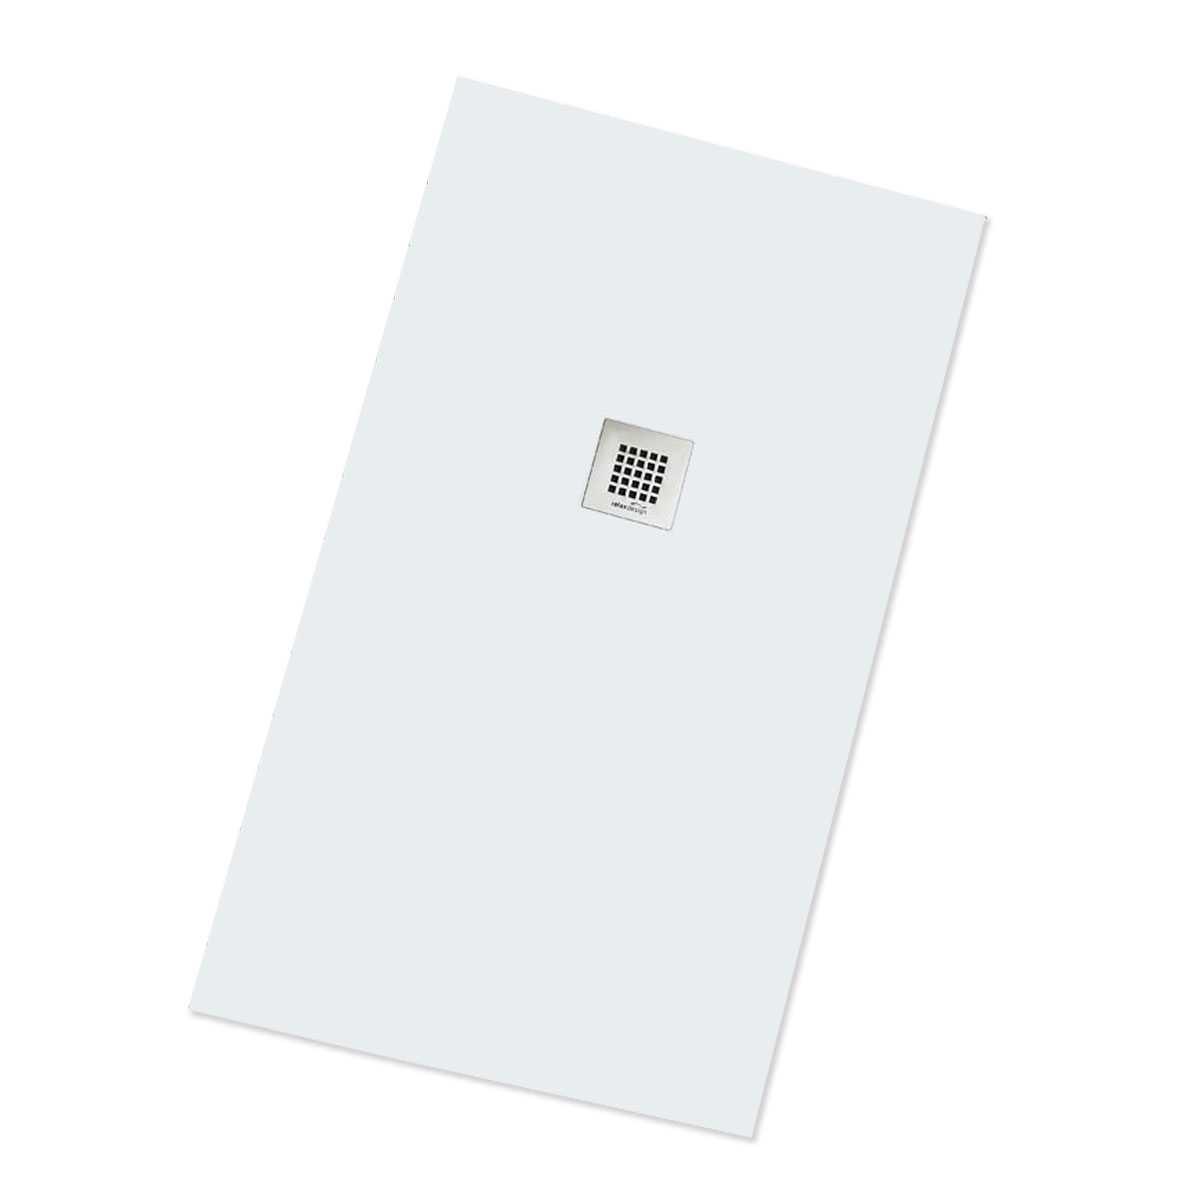 Piatto doccia ultrapiatto 70X80 colorato realizzato in solid surface con griglia inox  Rocky Solid